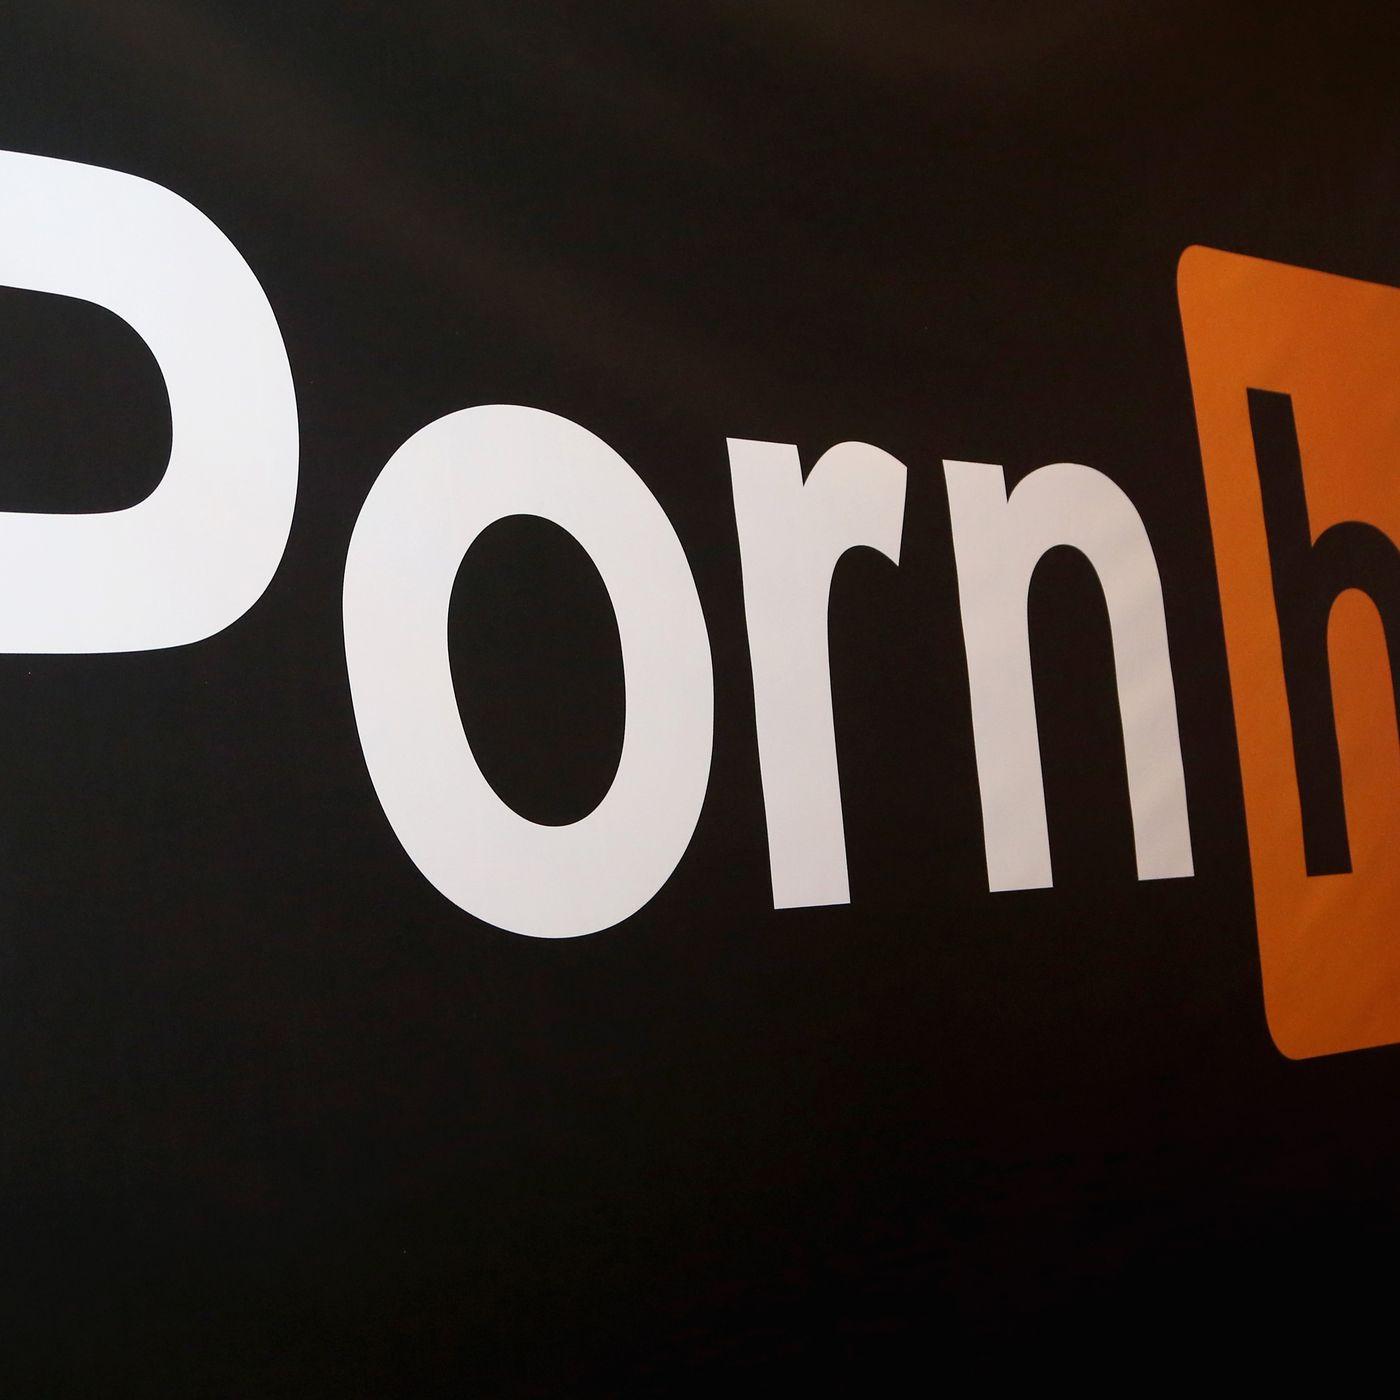 chiński wielki kutas seks